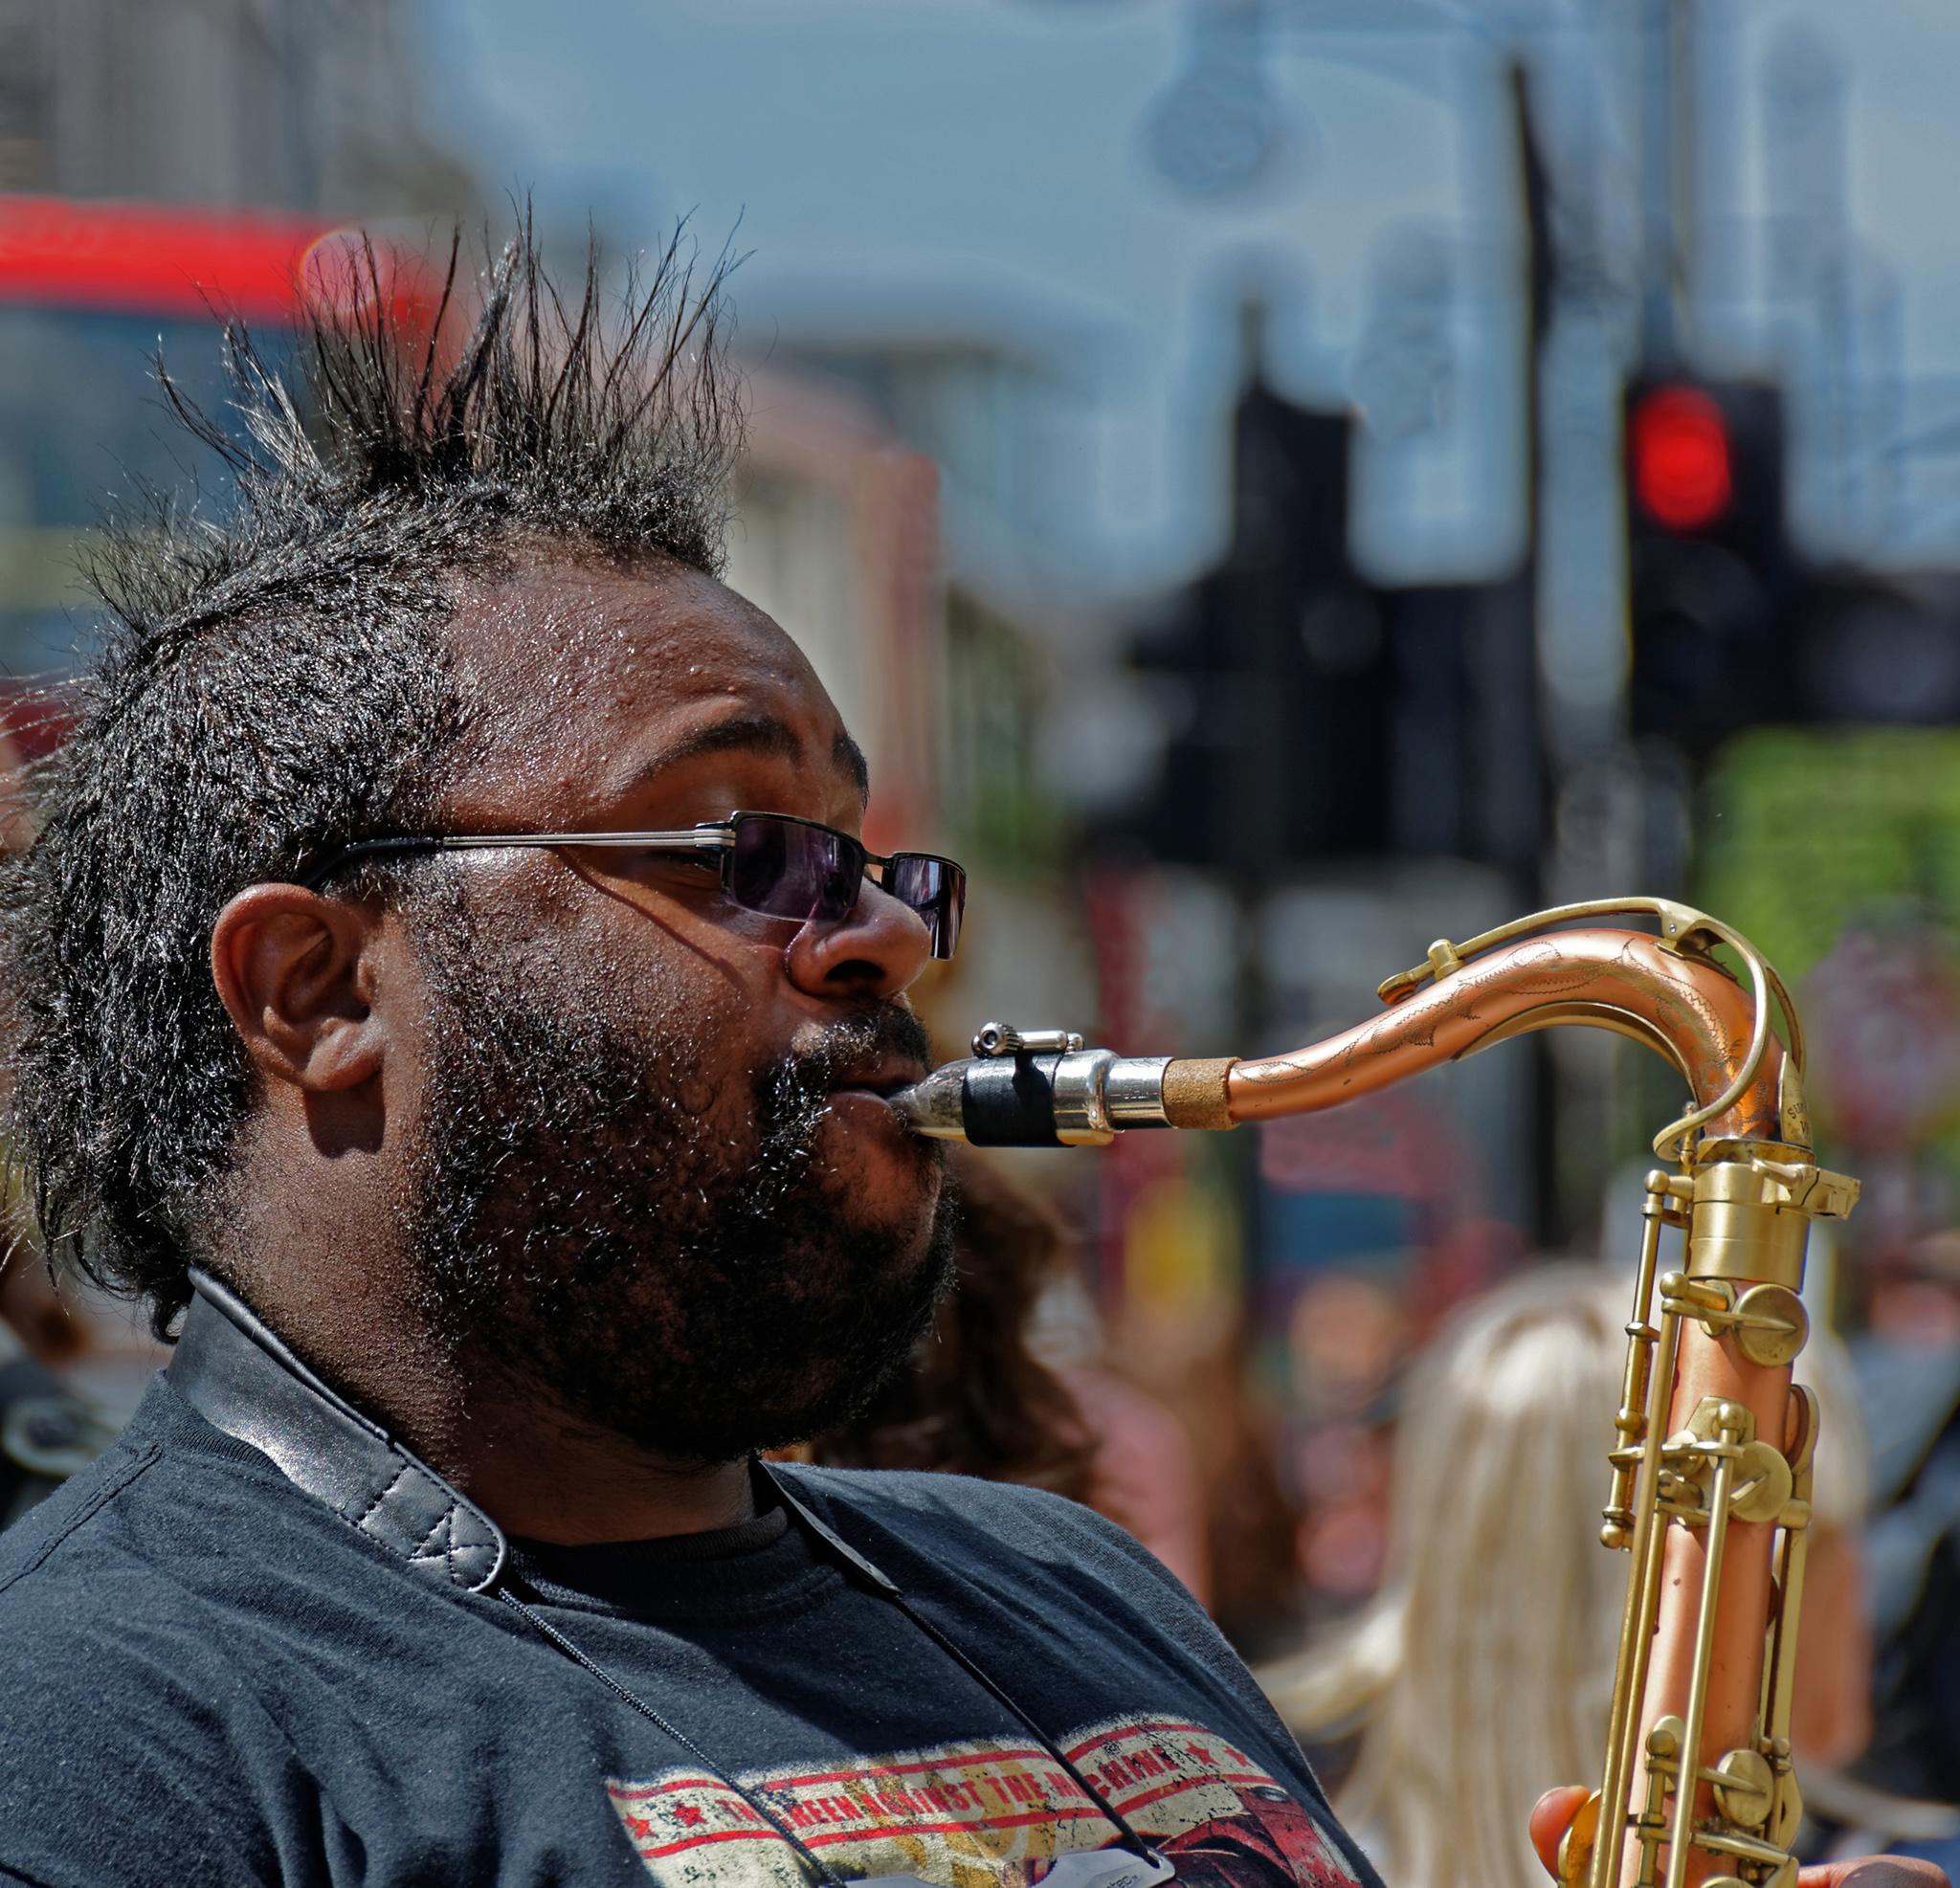 Oxford Circus Sax